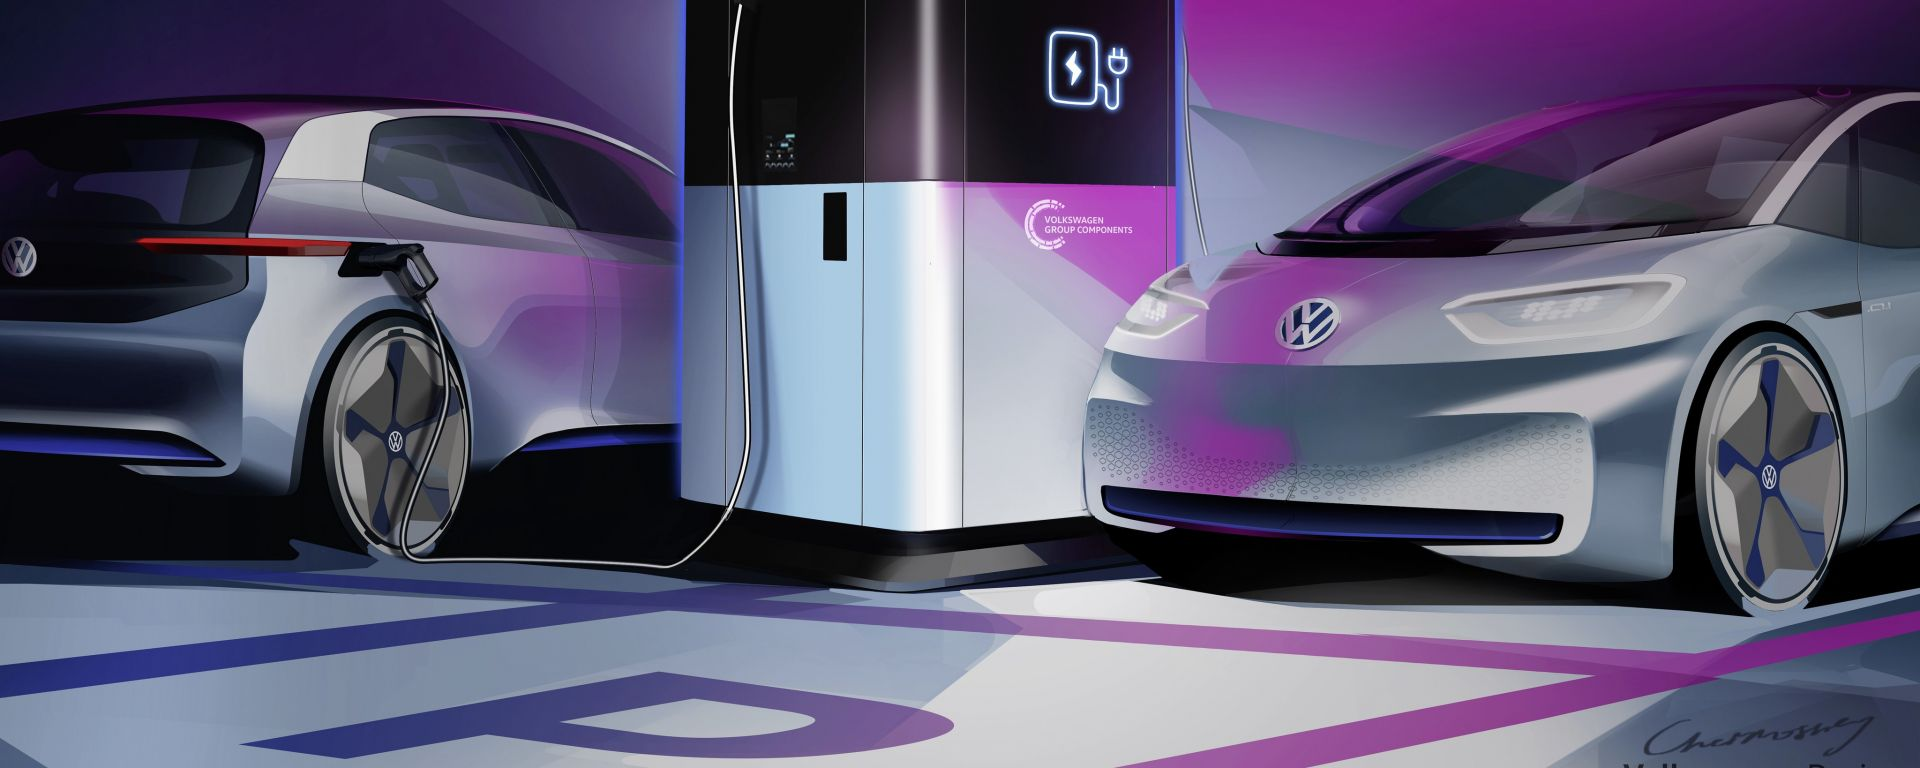 Volkswagen: allo studio una stazione mobile per la ricarica delle auto elettriche